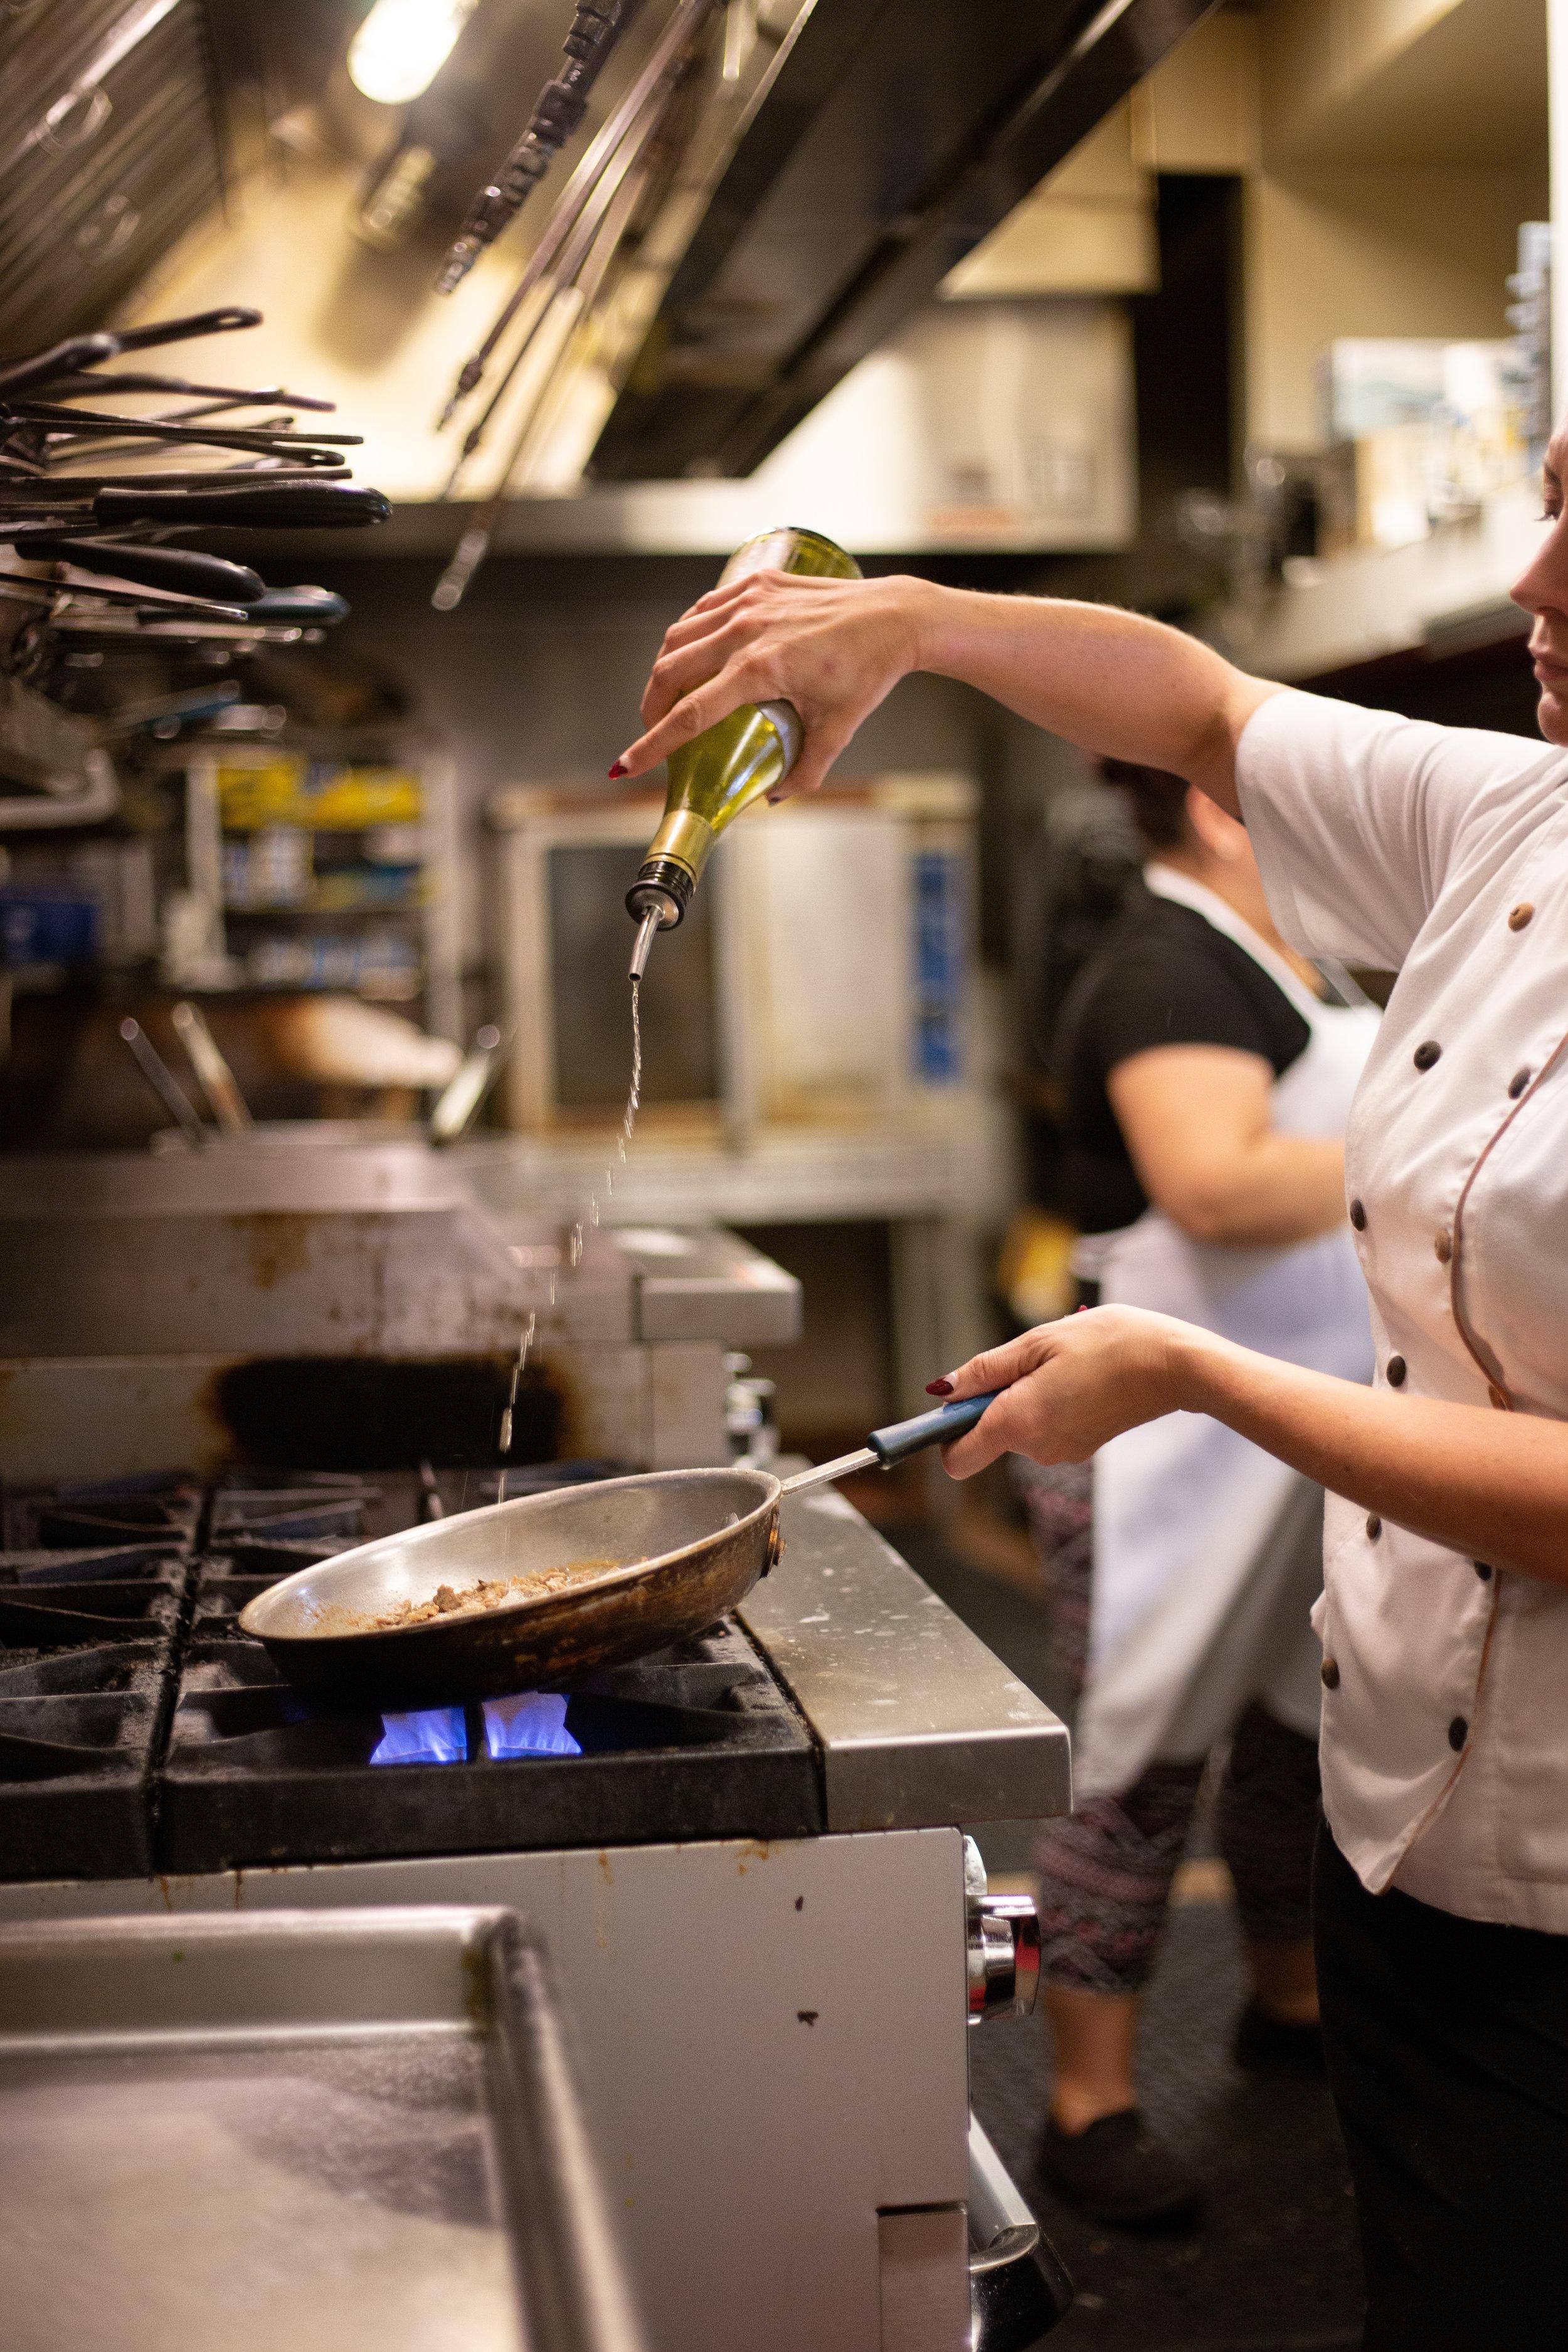 Chef_Emma_Emanuela_Calcara_eBella_Palladio_Nicole_nixon-34-of-50.jpg